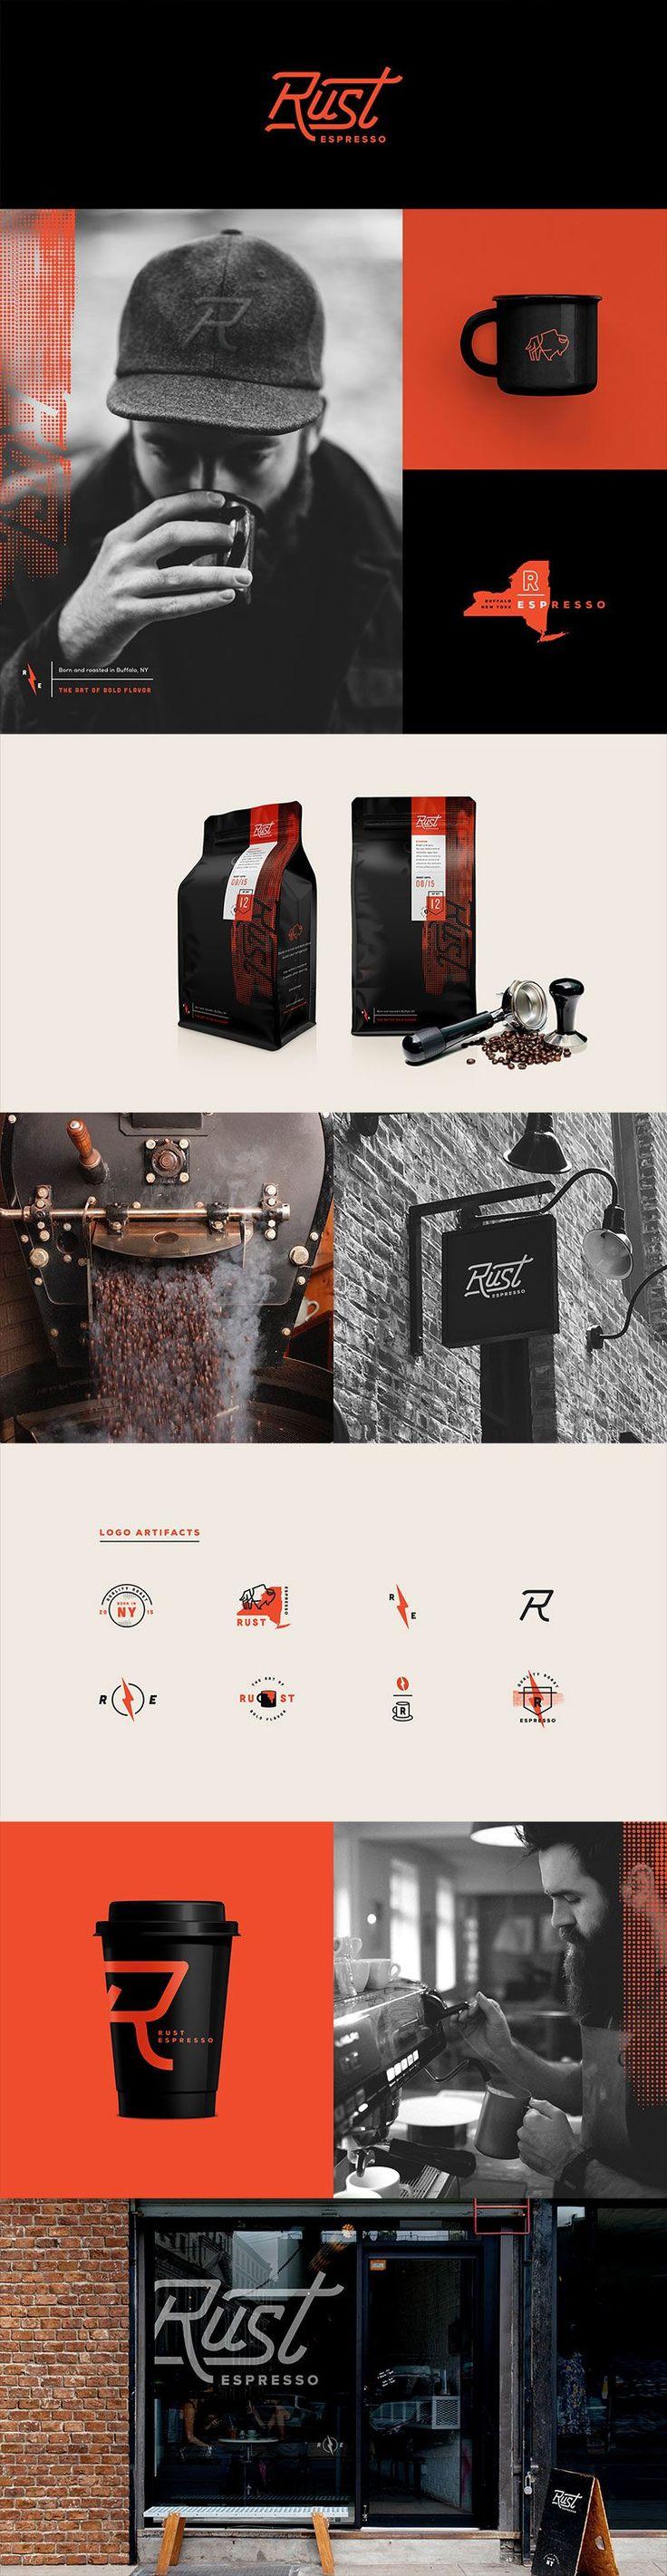 Rust Espresso by Farm Design